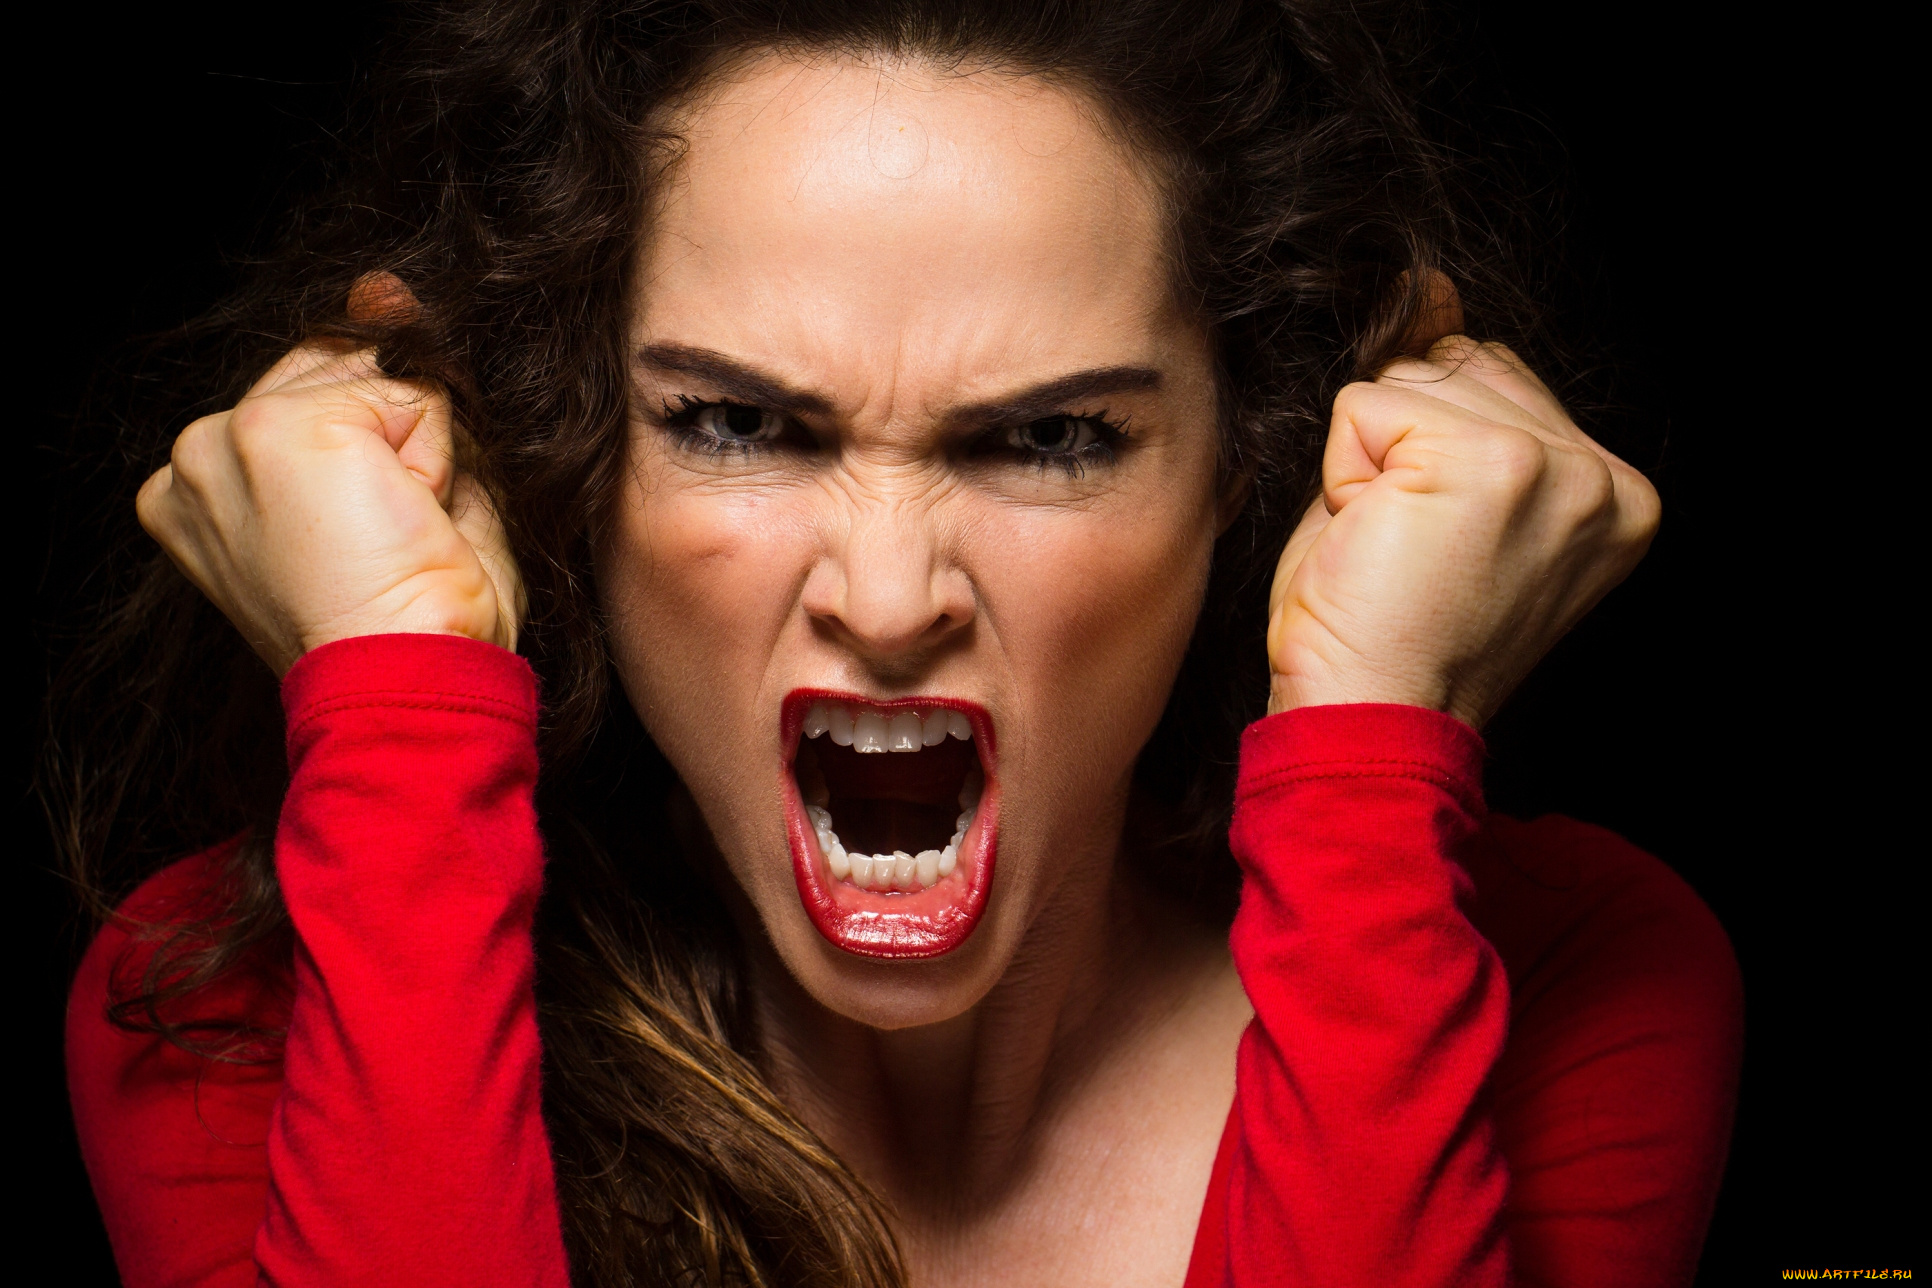 Эмоции в картинках злость, картинки спасибо как